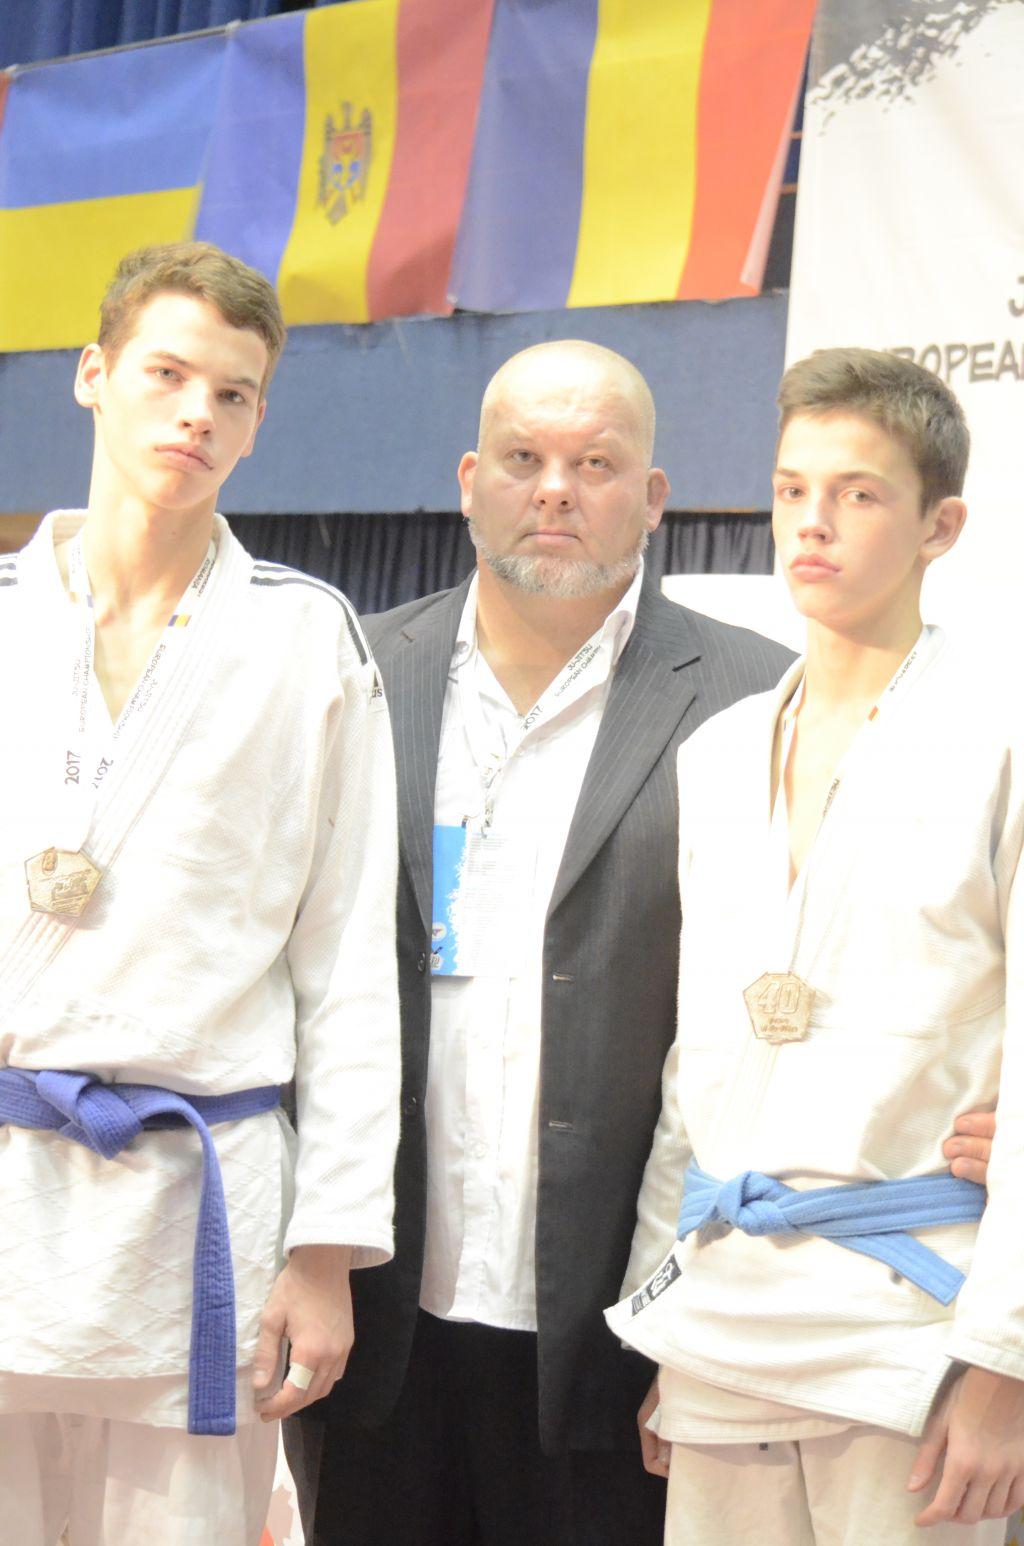 Братья Огневы - серебряные призёры Чемпионата Европы по джиу-джитсу среди аспирантов до 18 лет,